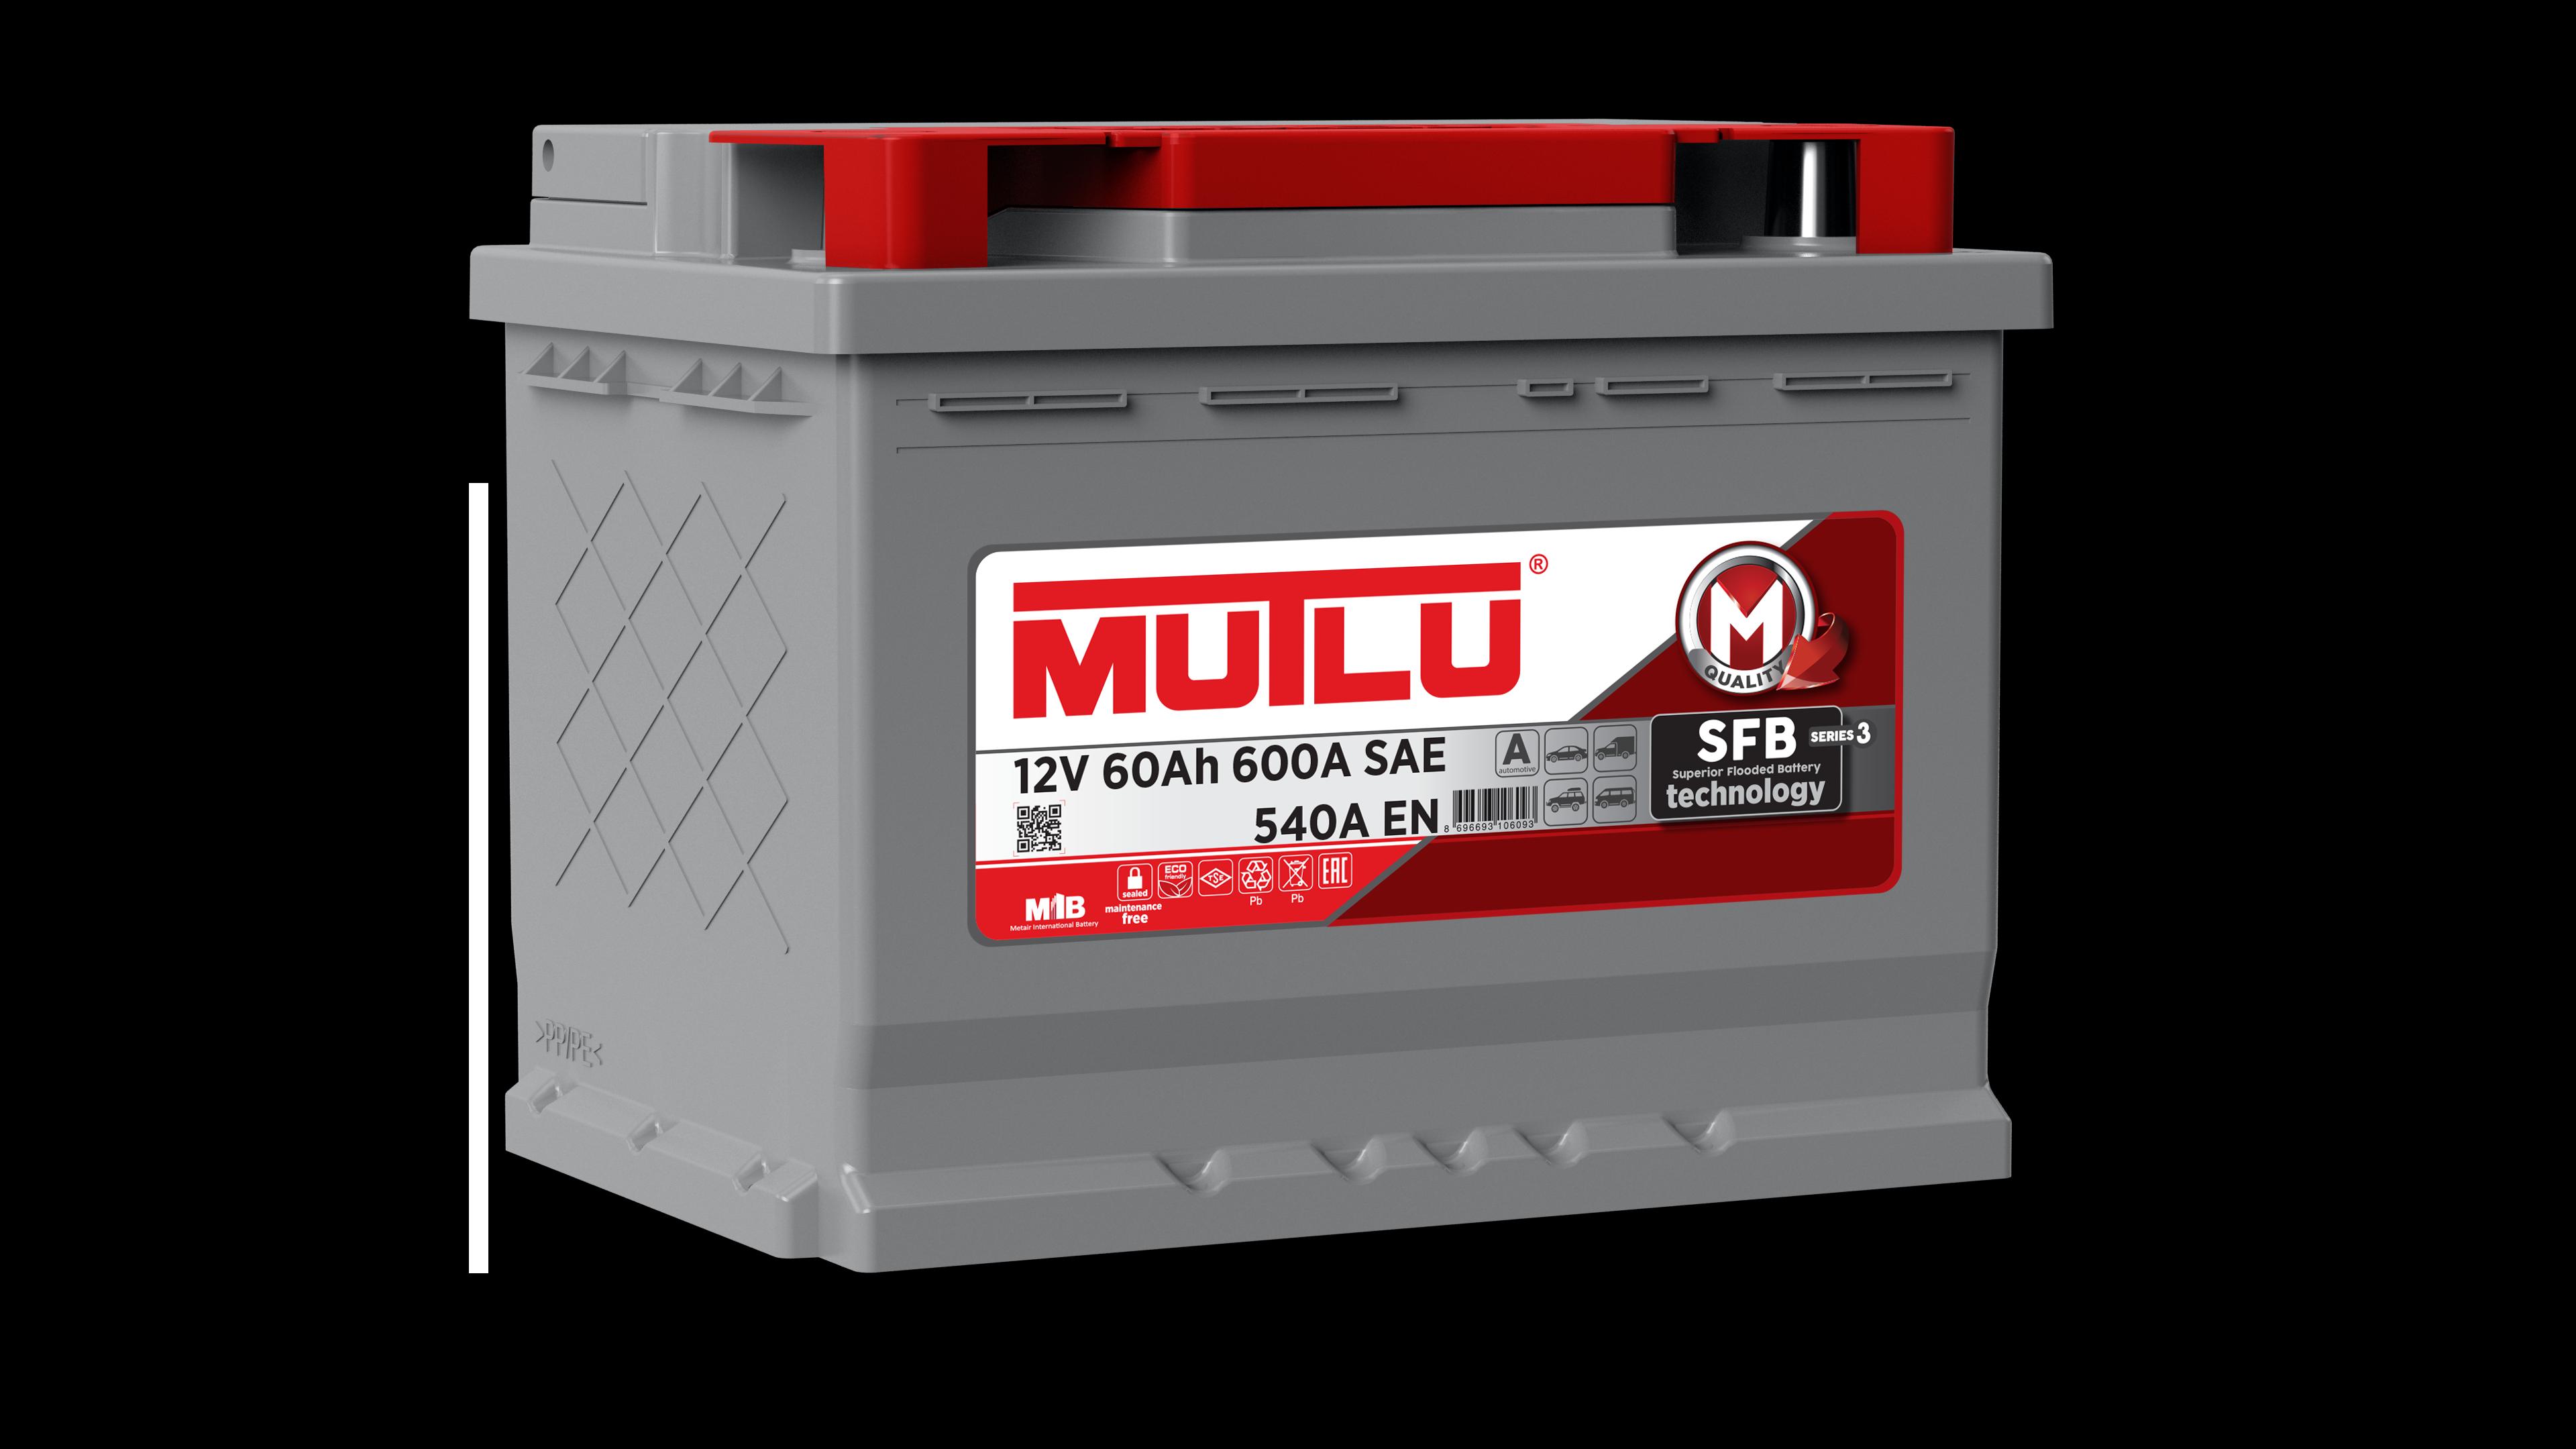 Mutlu L260054A Батарея аккумуляторная 60А/ч 540А 12В обратная поляр. стандартные клеммы